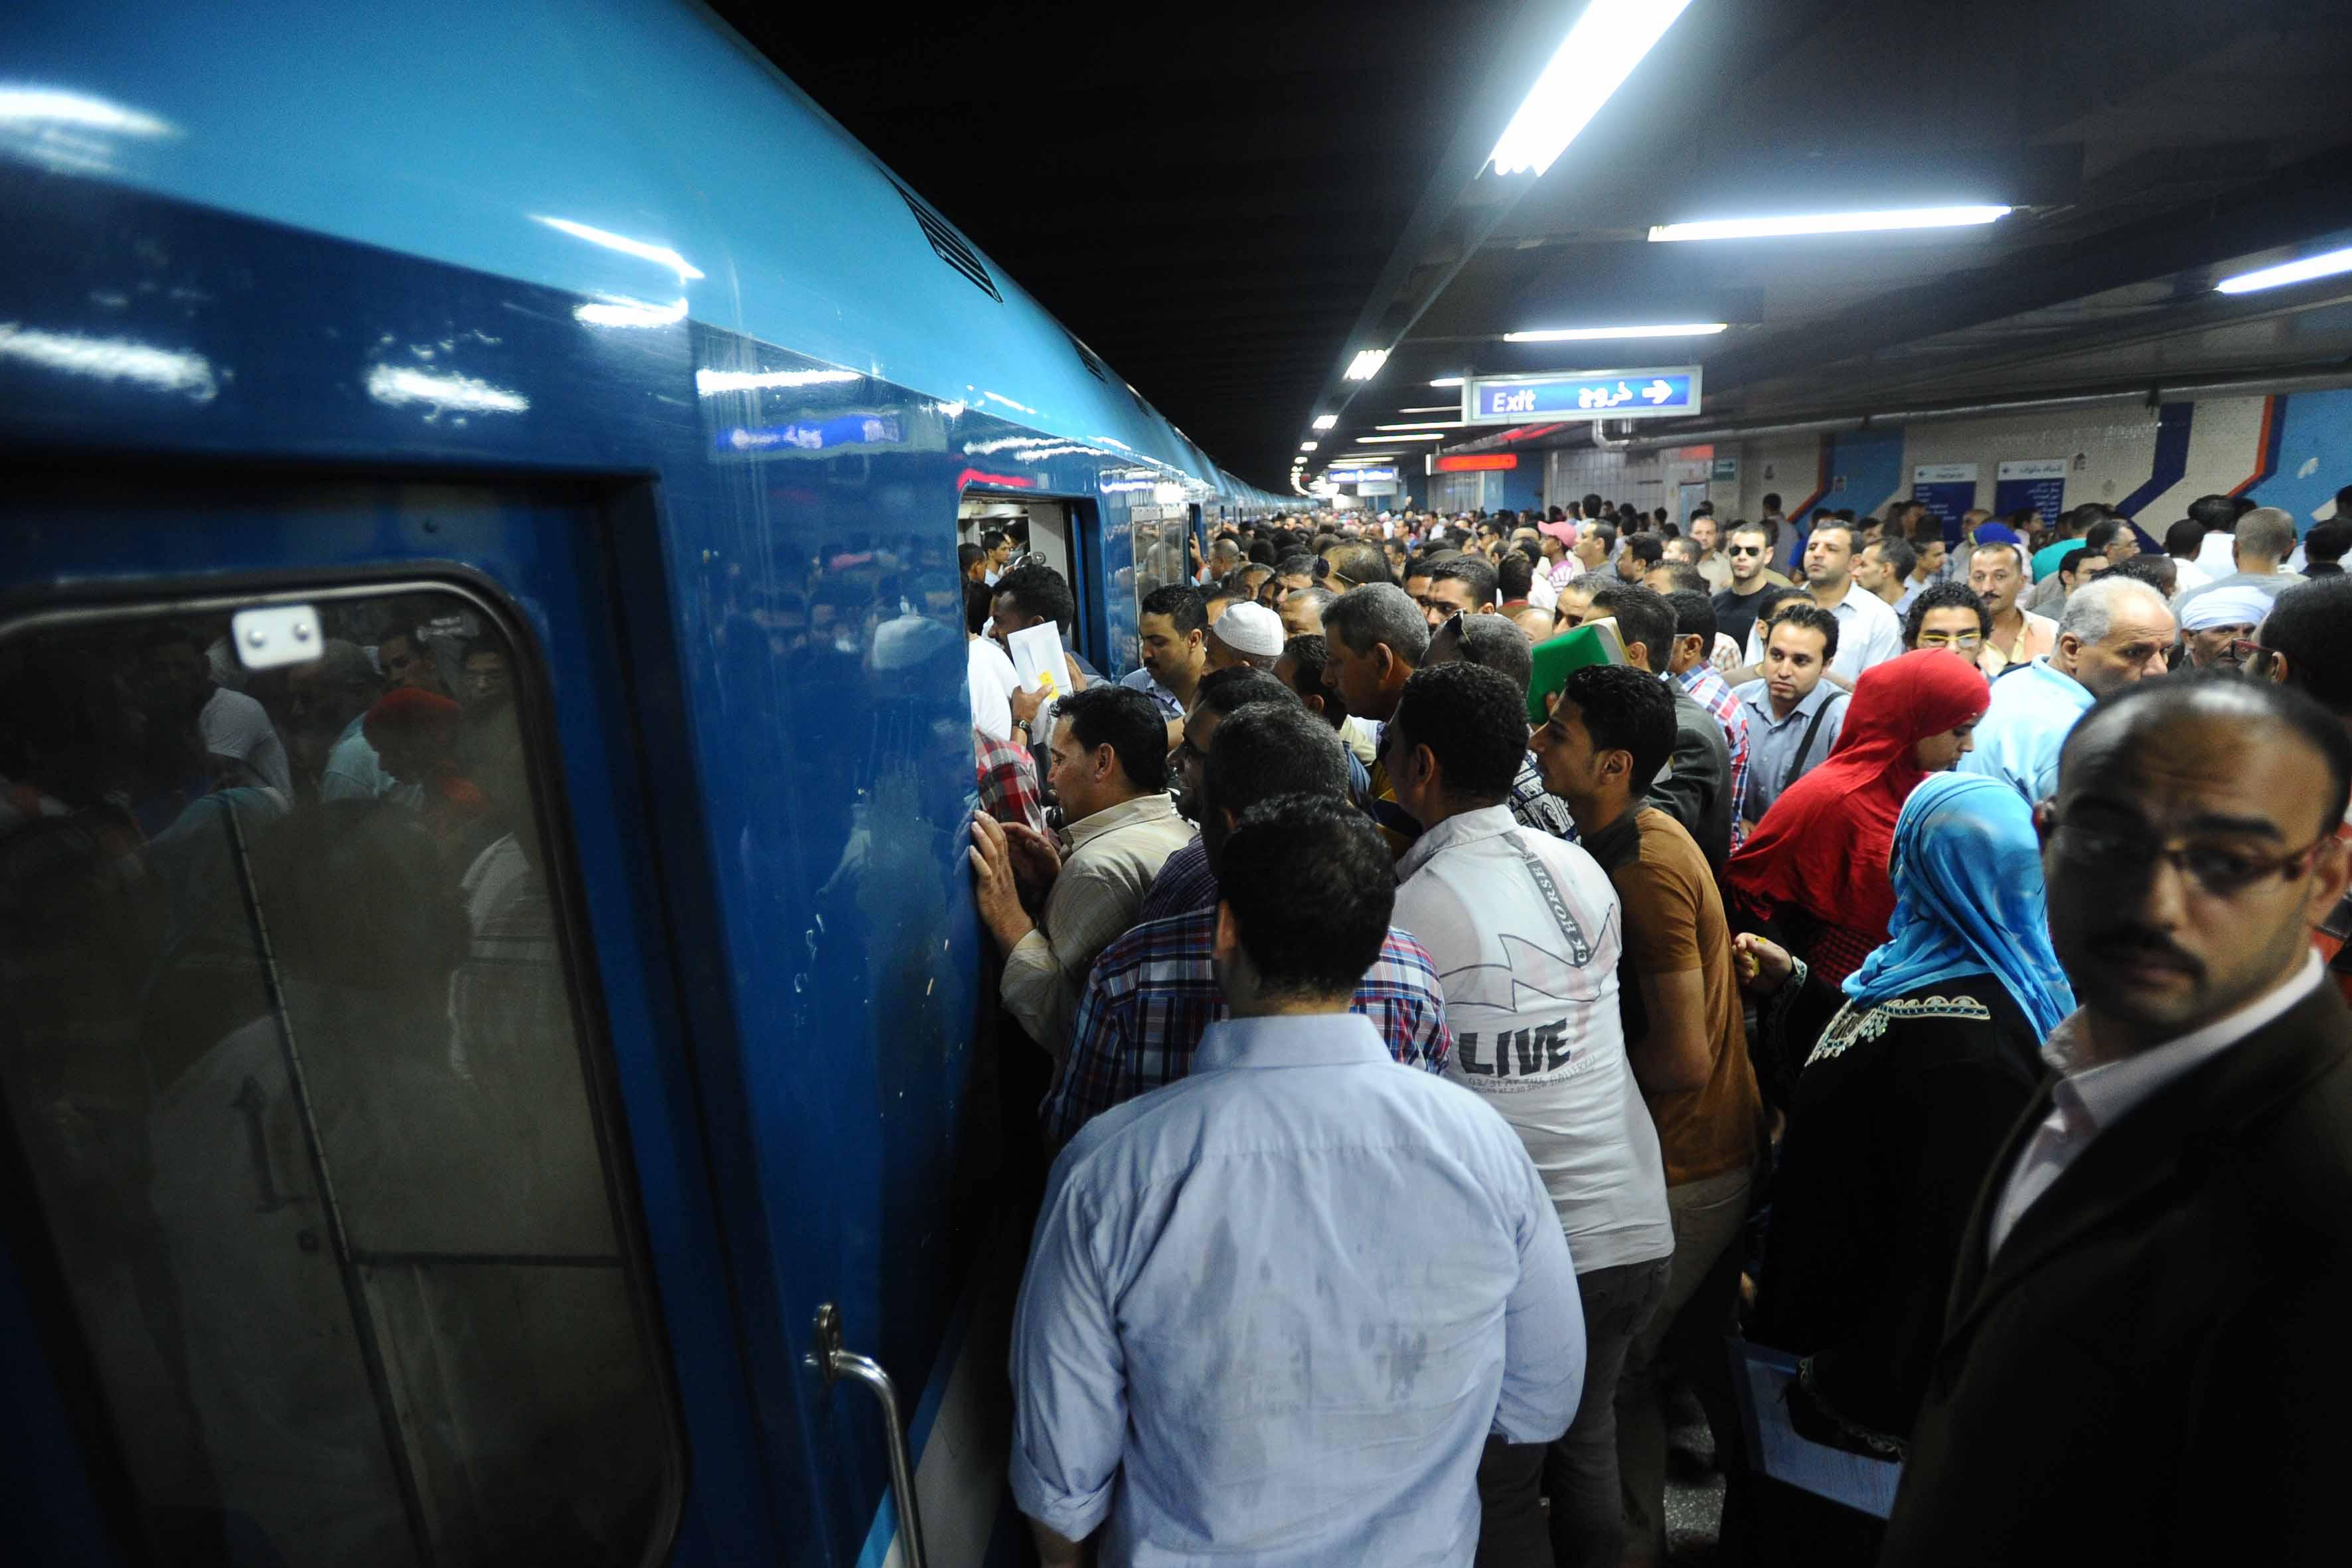 أسعار تذاكر المترو تستفز الركاب: هتافات وإضراب ومحاولة انتحار (فيديو)